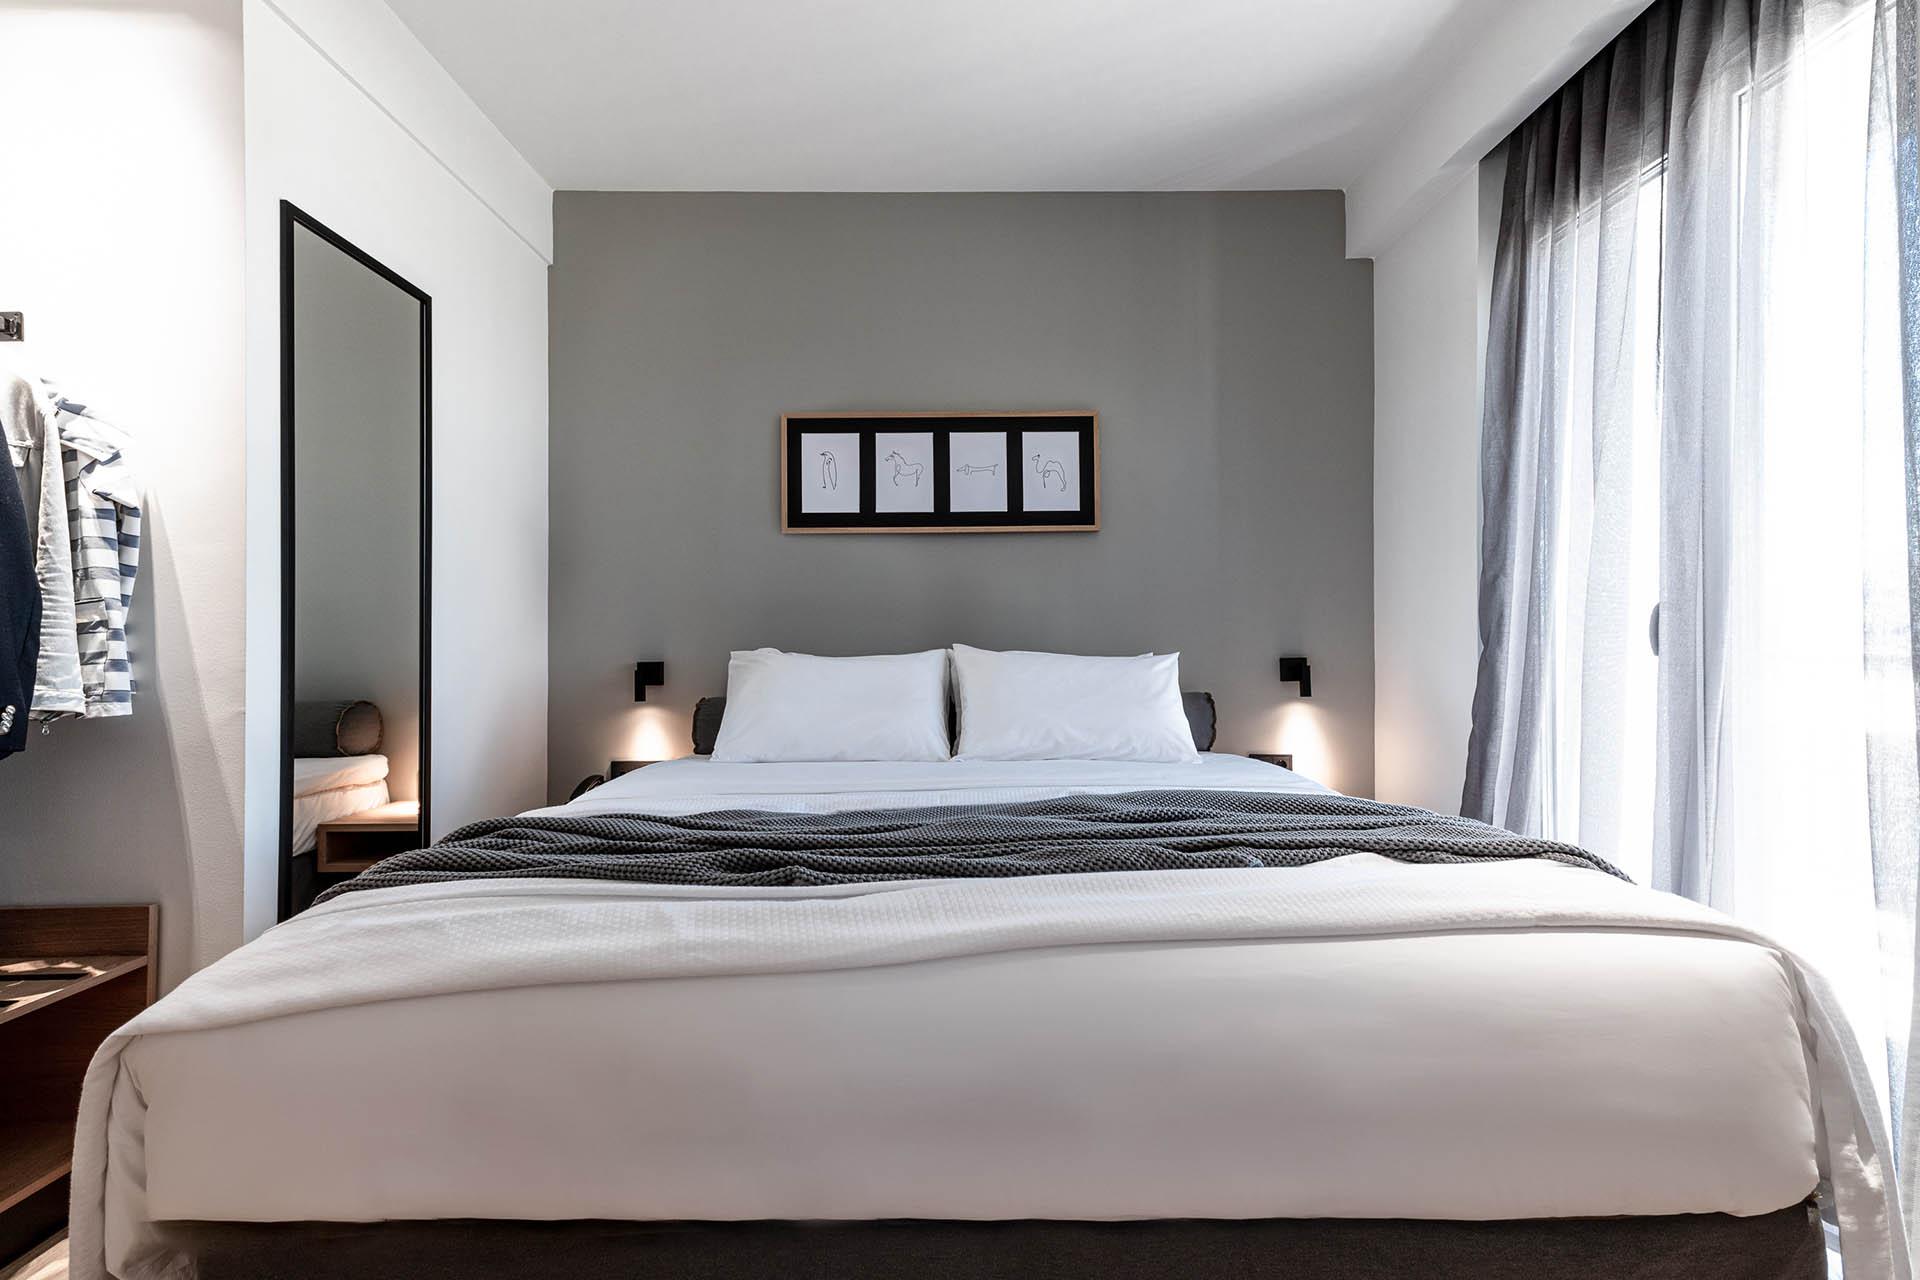 31 Doors Hotel - Αλεξανδρούπολη ✦ -31% ✦ 2 Ημέρες (1